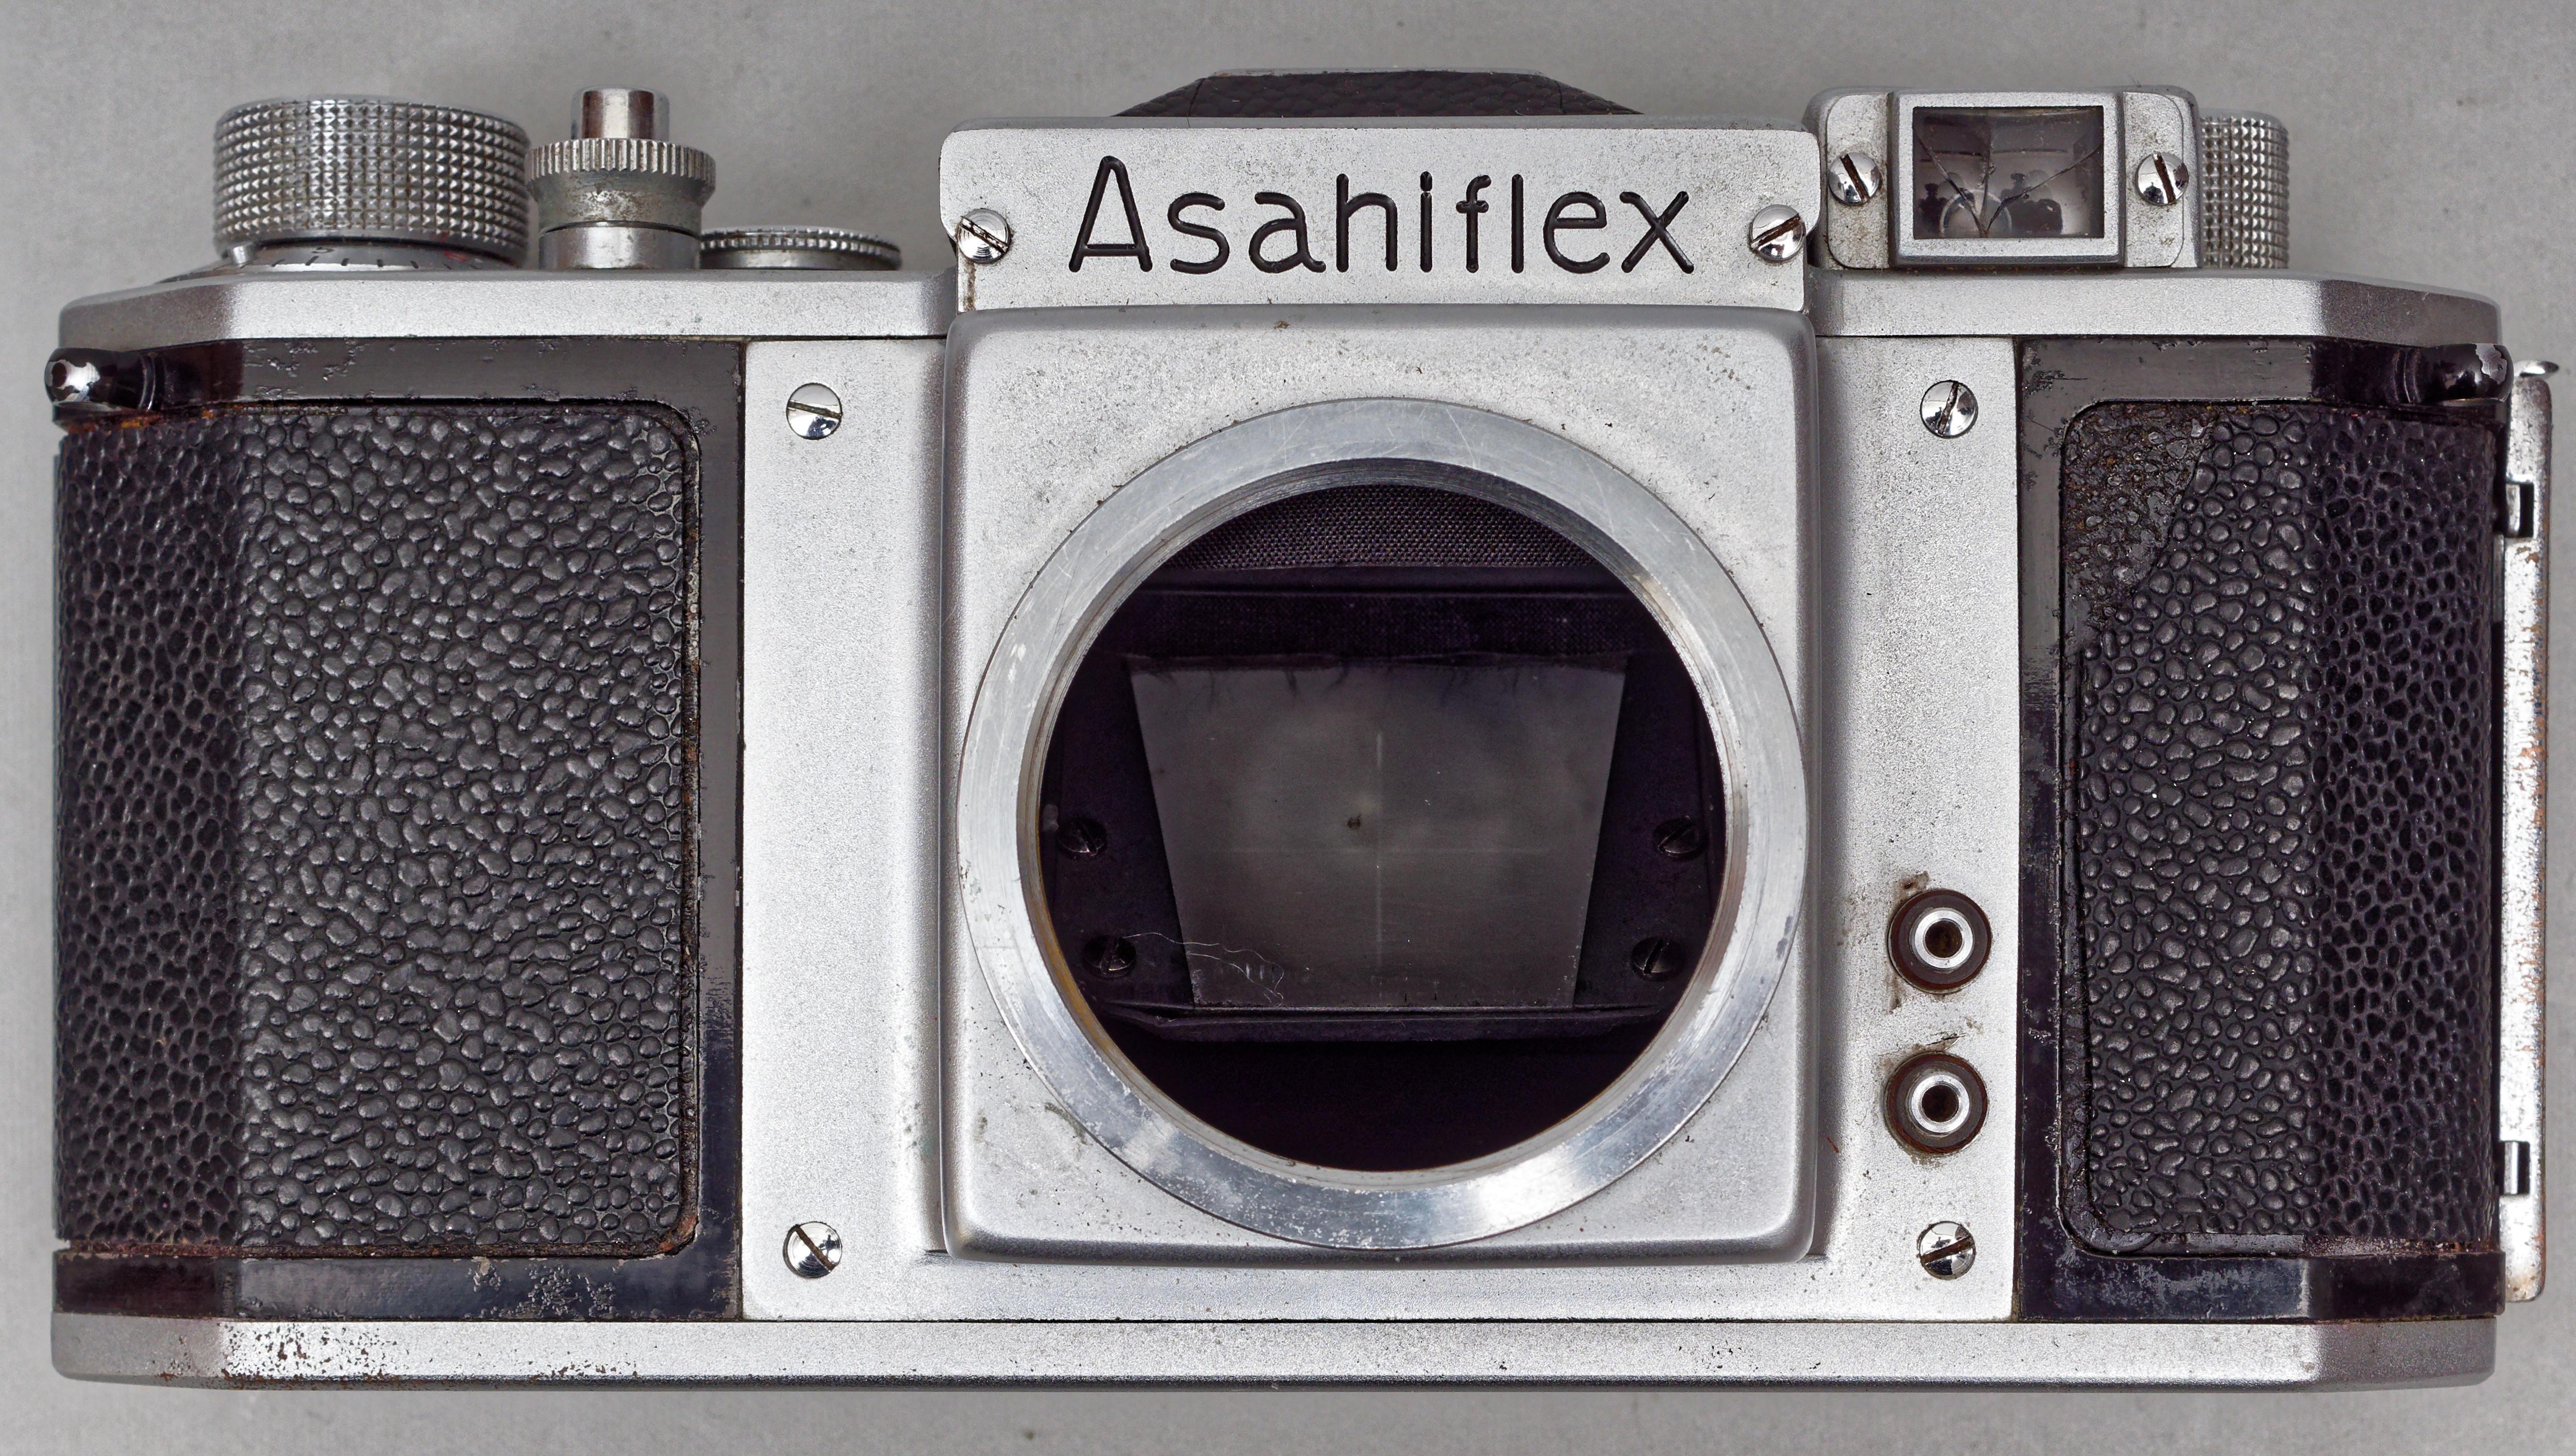 Asahiflex-1a-2.jpeg